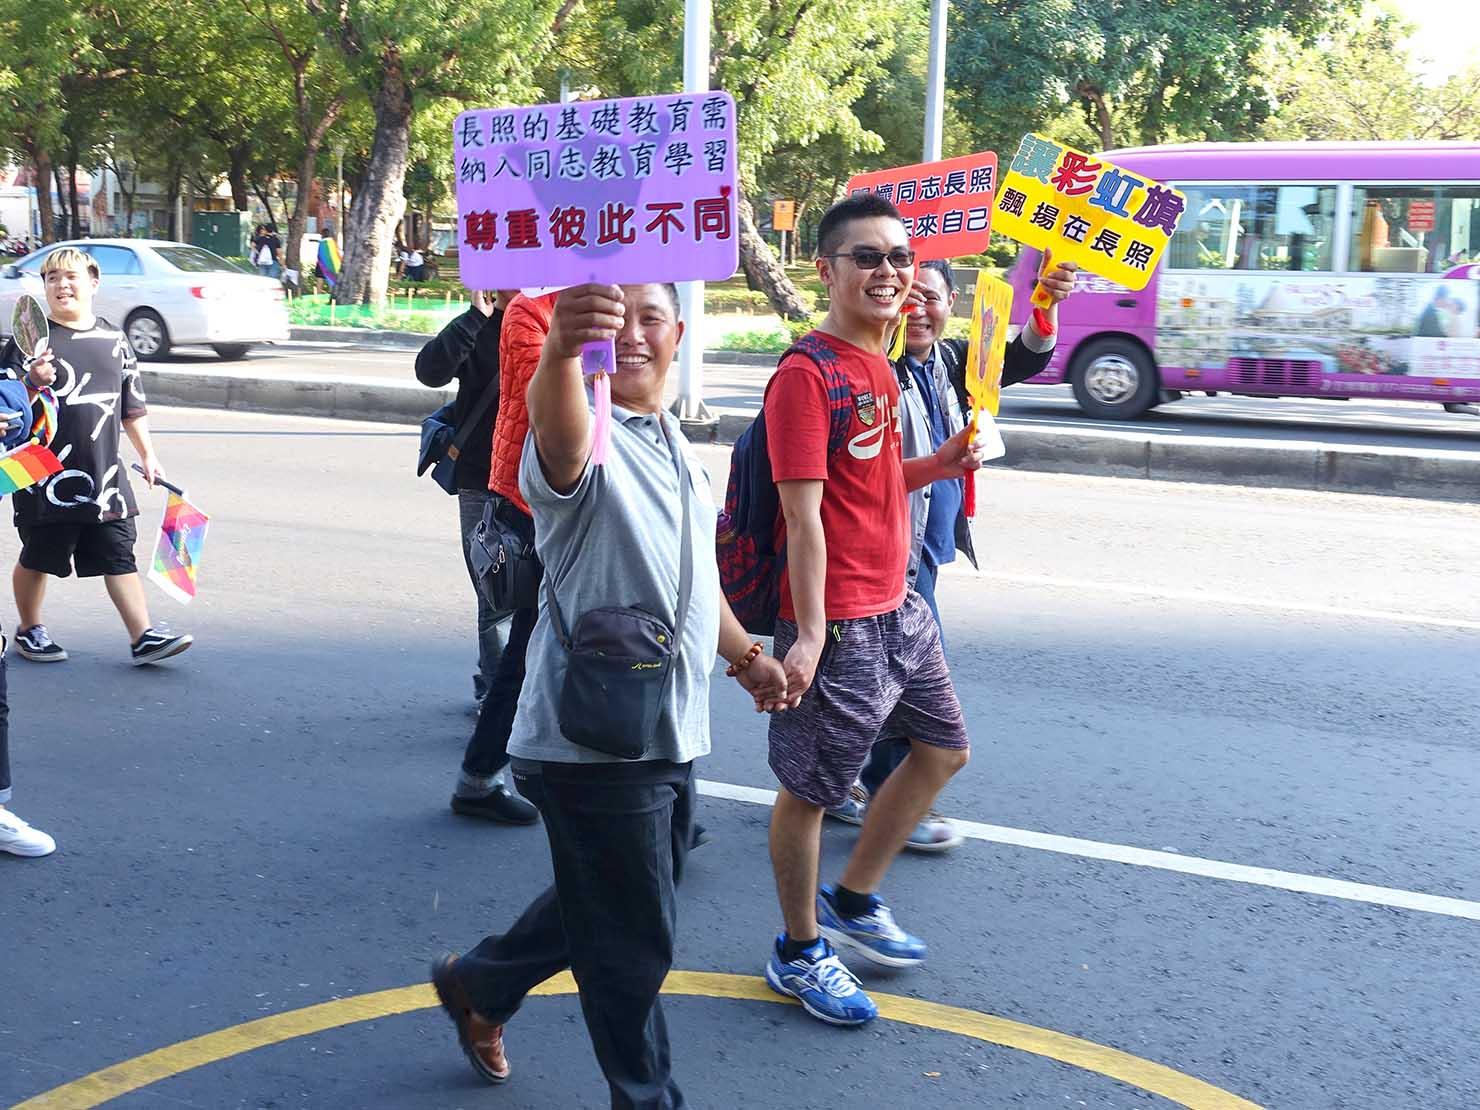 高雄同志大遊行(高雄レインボーパレード)2017で手を繋いでプラカードを掲げるゲイカップル